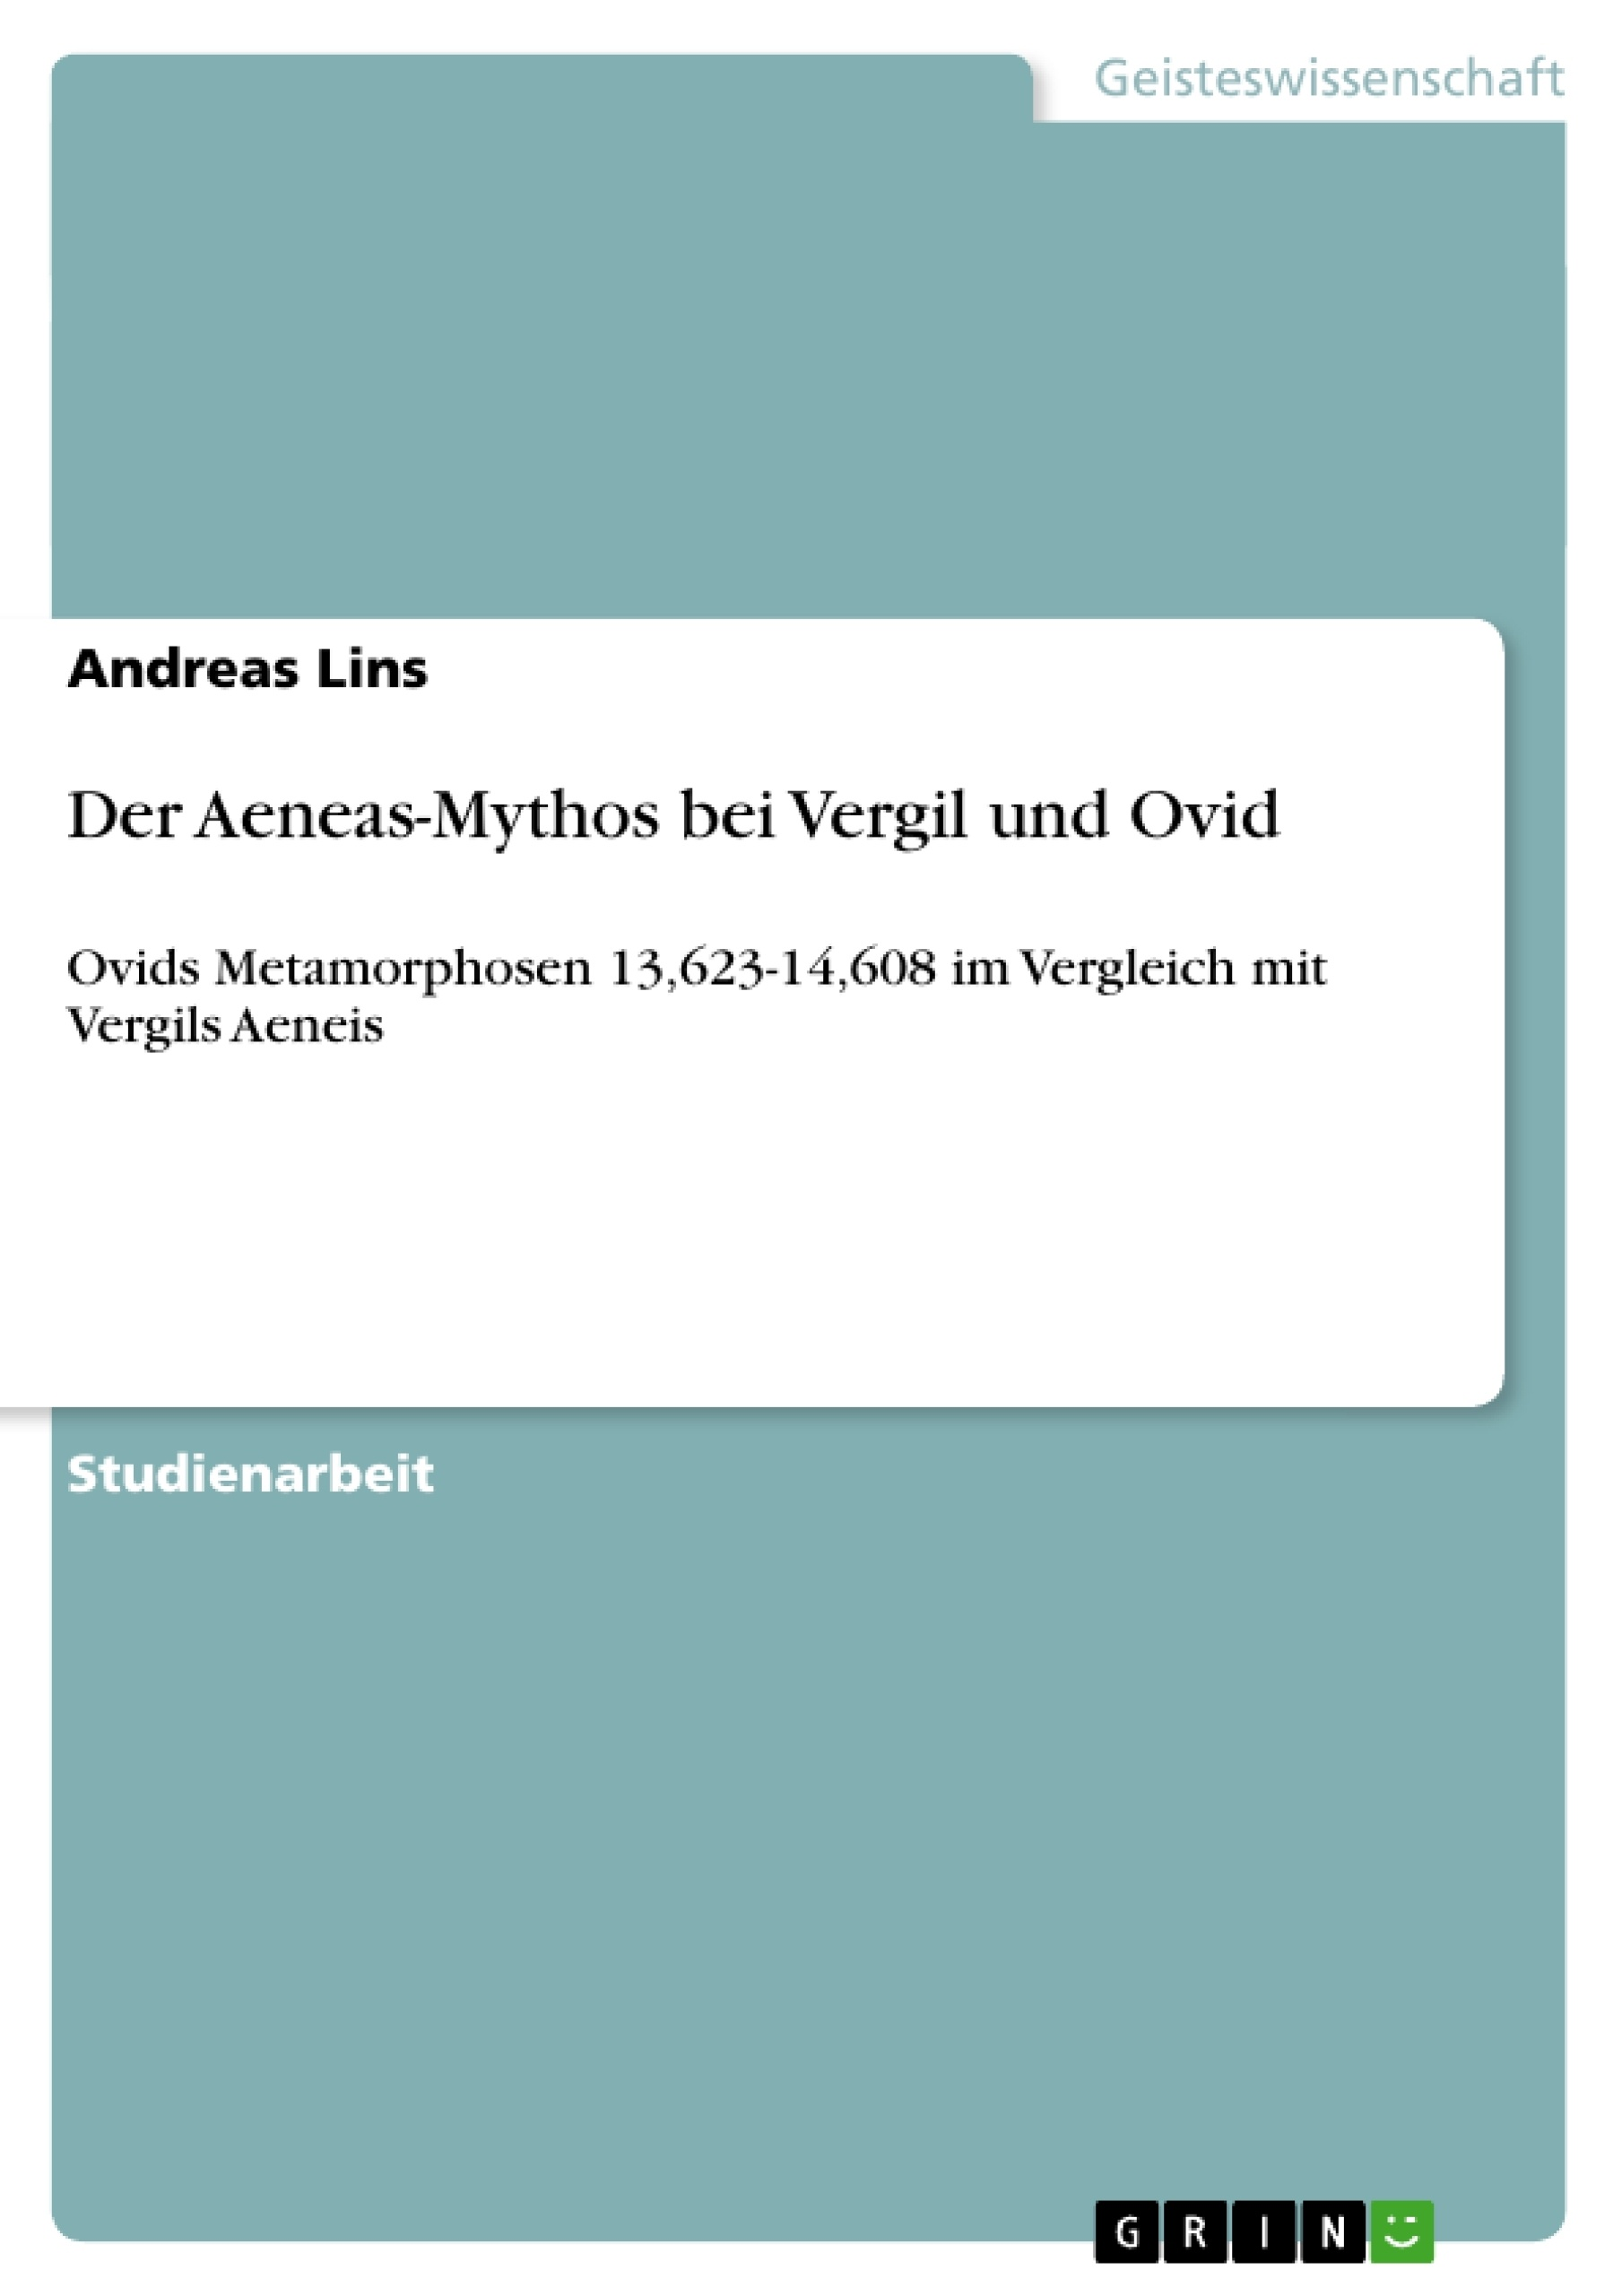 Titel: Der Aeneas-Mythos bei Vergil und Ovid